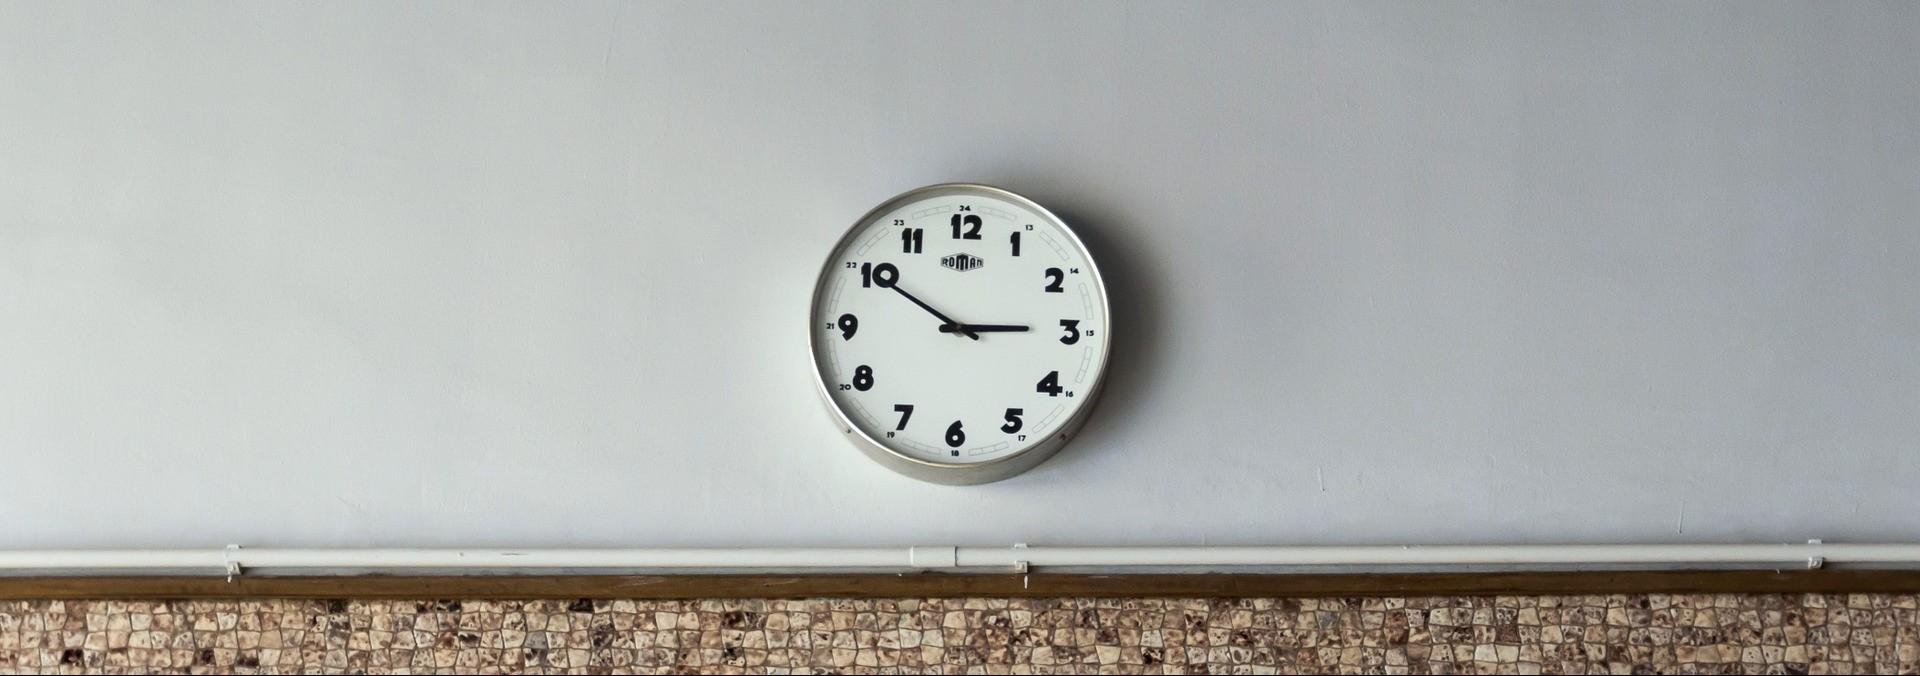 clock-984530_1920